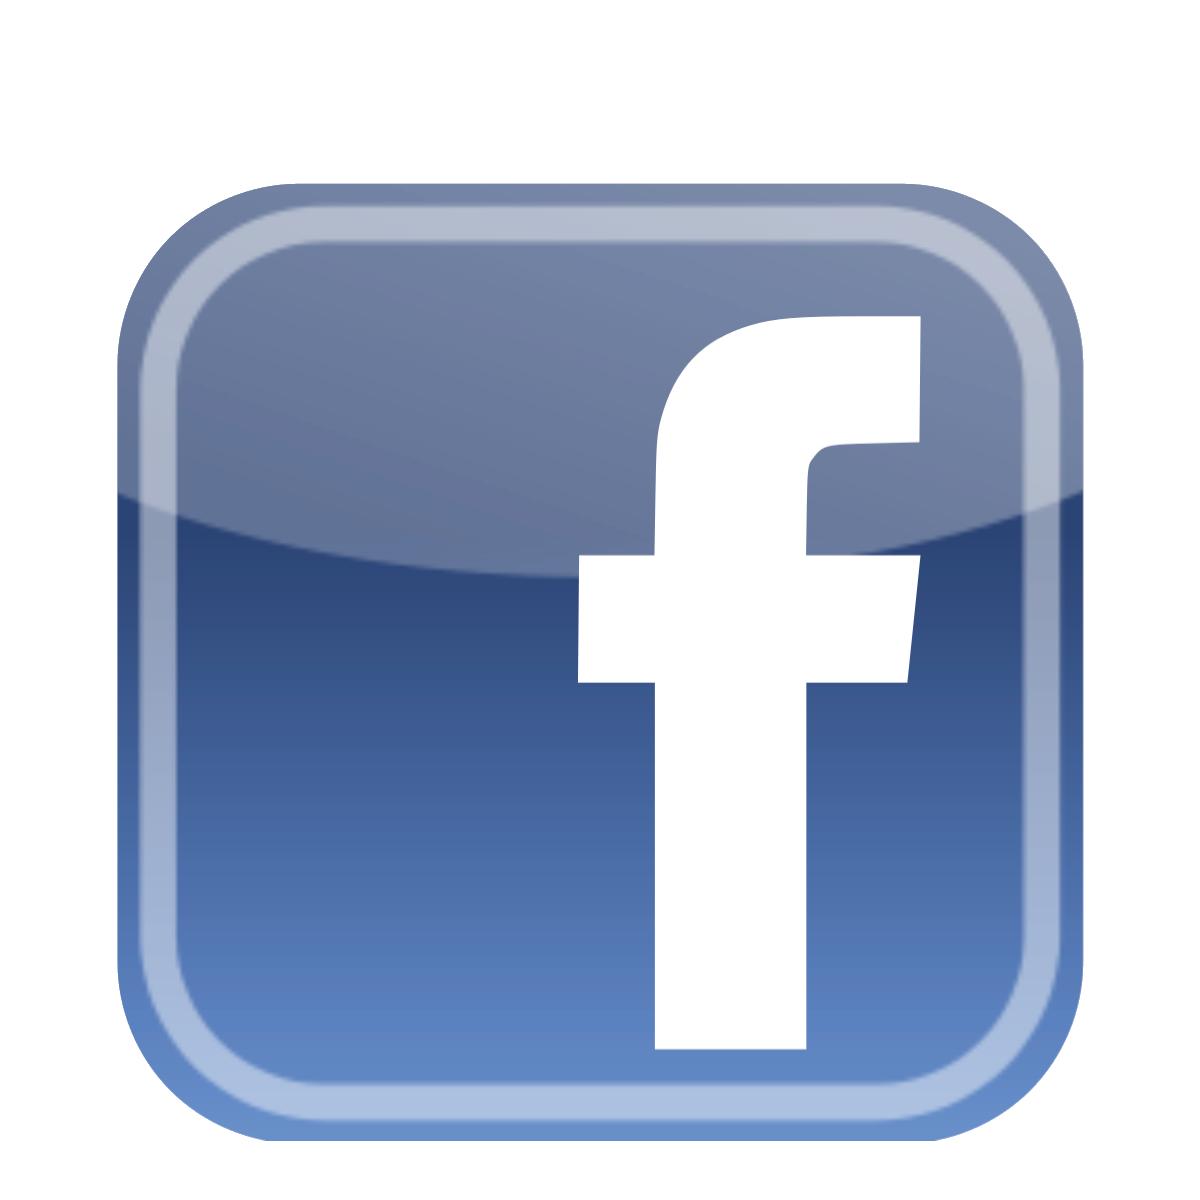 Hasil gambar untuk icon FB